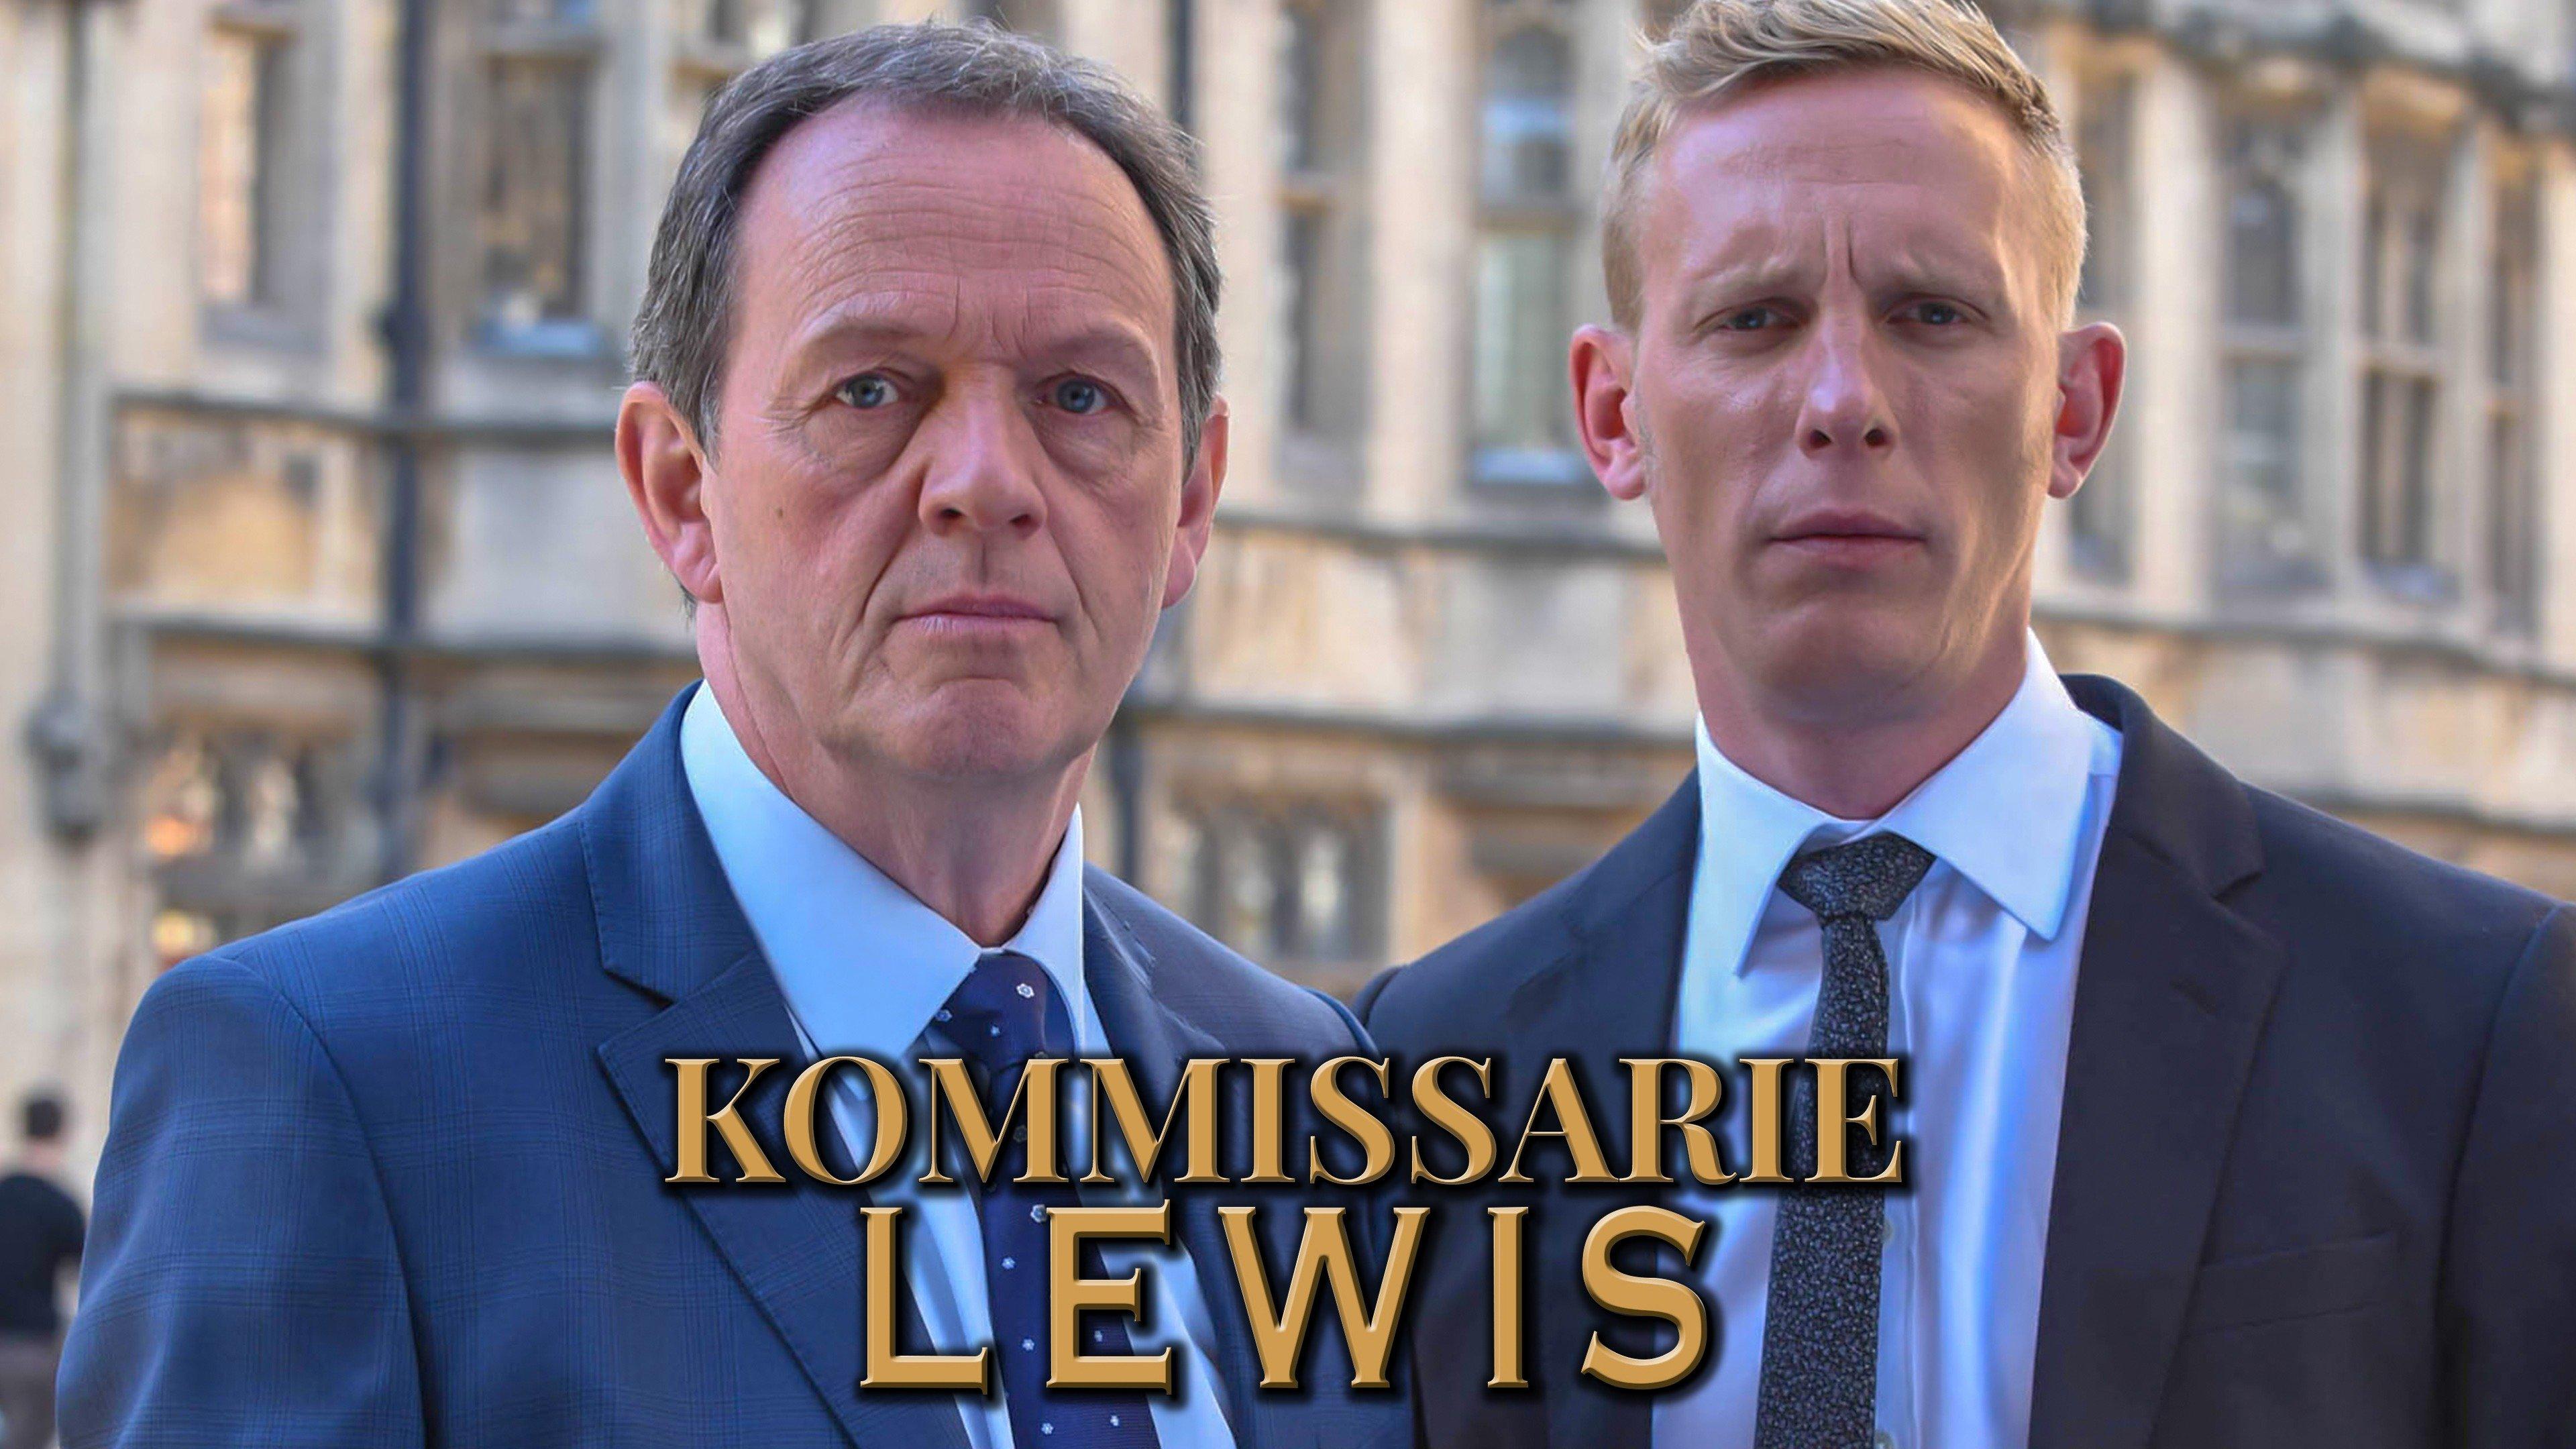 Kommissarie Lewis